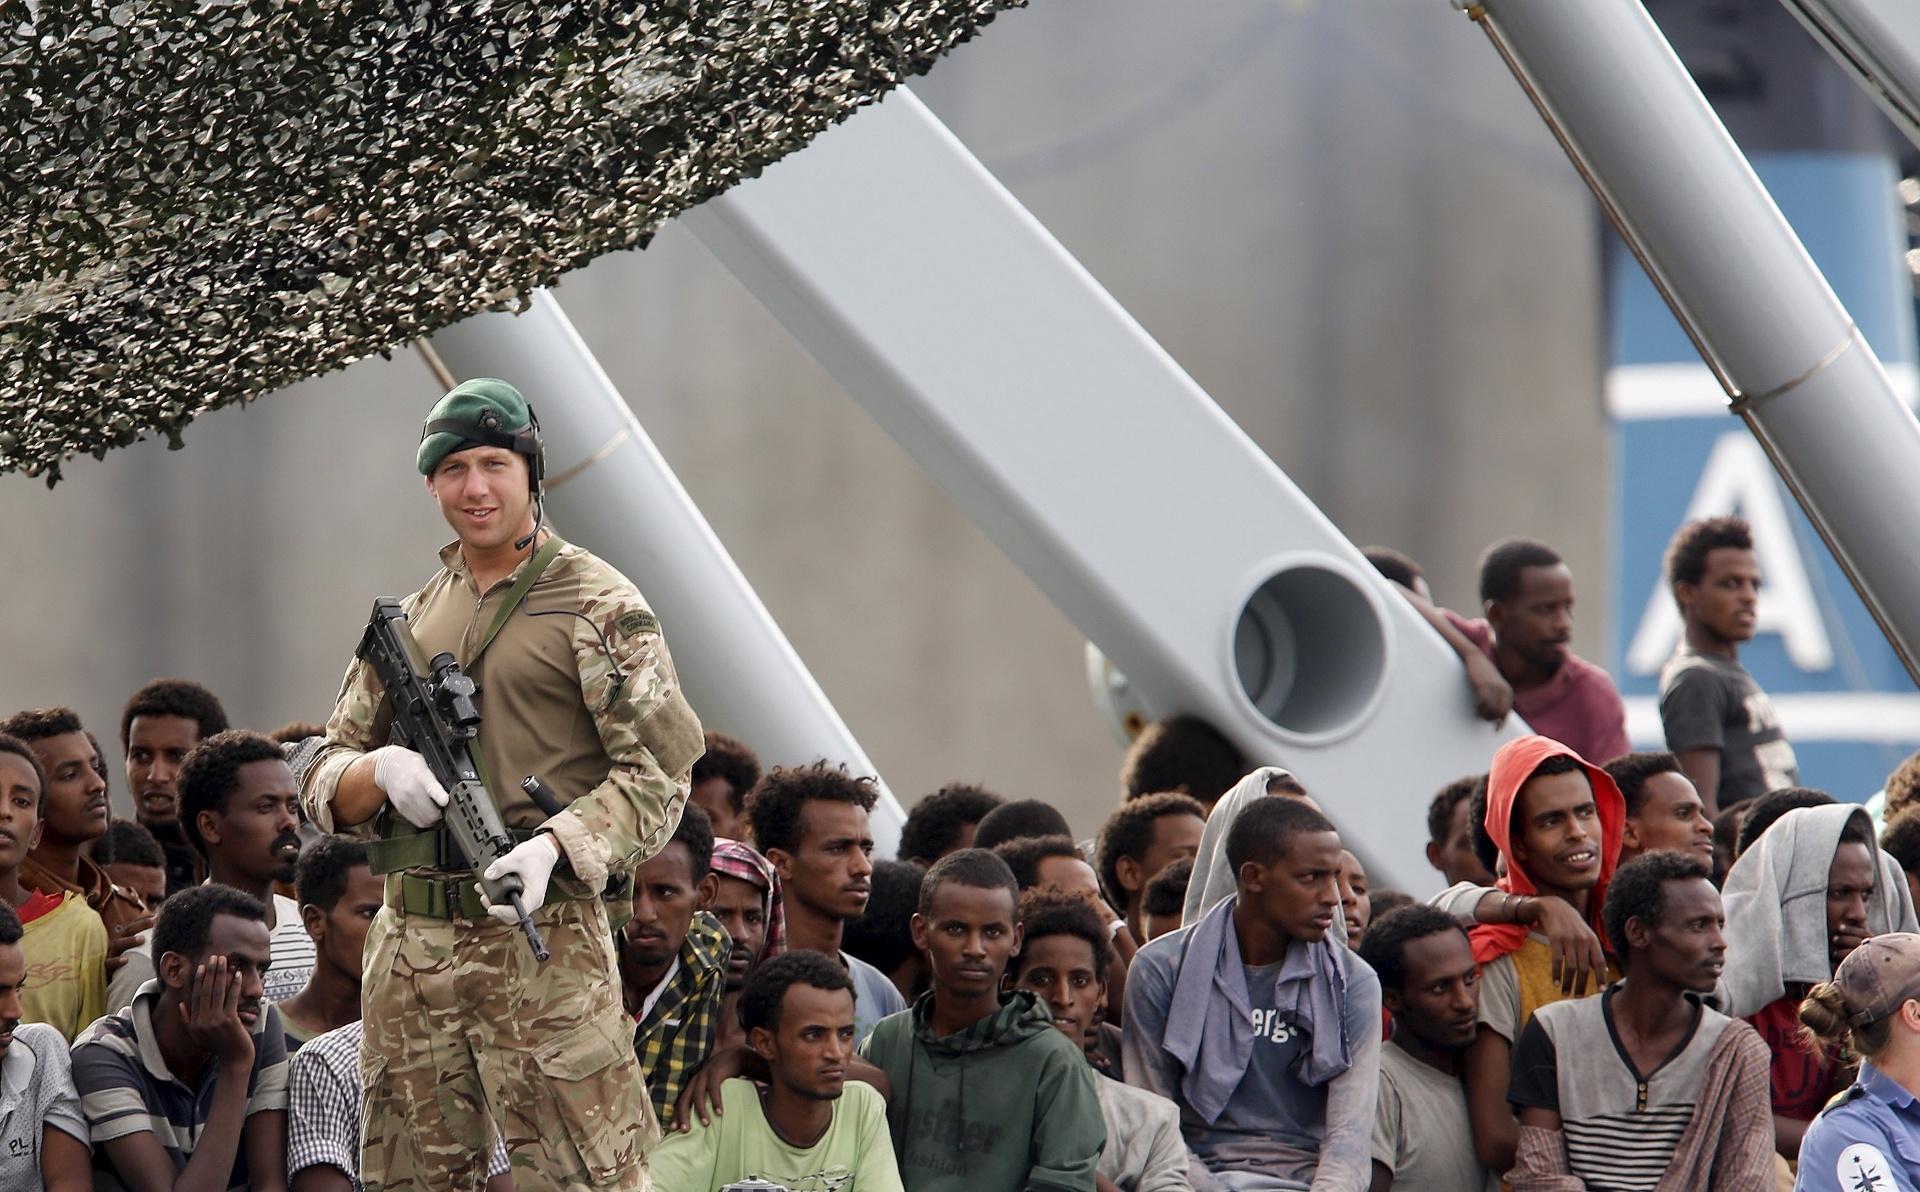 6.out.2015 - Imigrantes viajam em navio militar britânico rumo a Catânia, na Sicília, Sul da Itália. A Guarda Costeira italiana diz ter resgatado quase 2 mil imigrantes do Mar Mediterrâneo em 24 horas. Segundo o FMI, refugiados pesam no orçamento europeu, mas impulsionarão crescimento